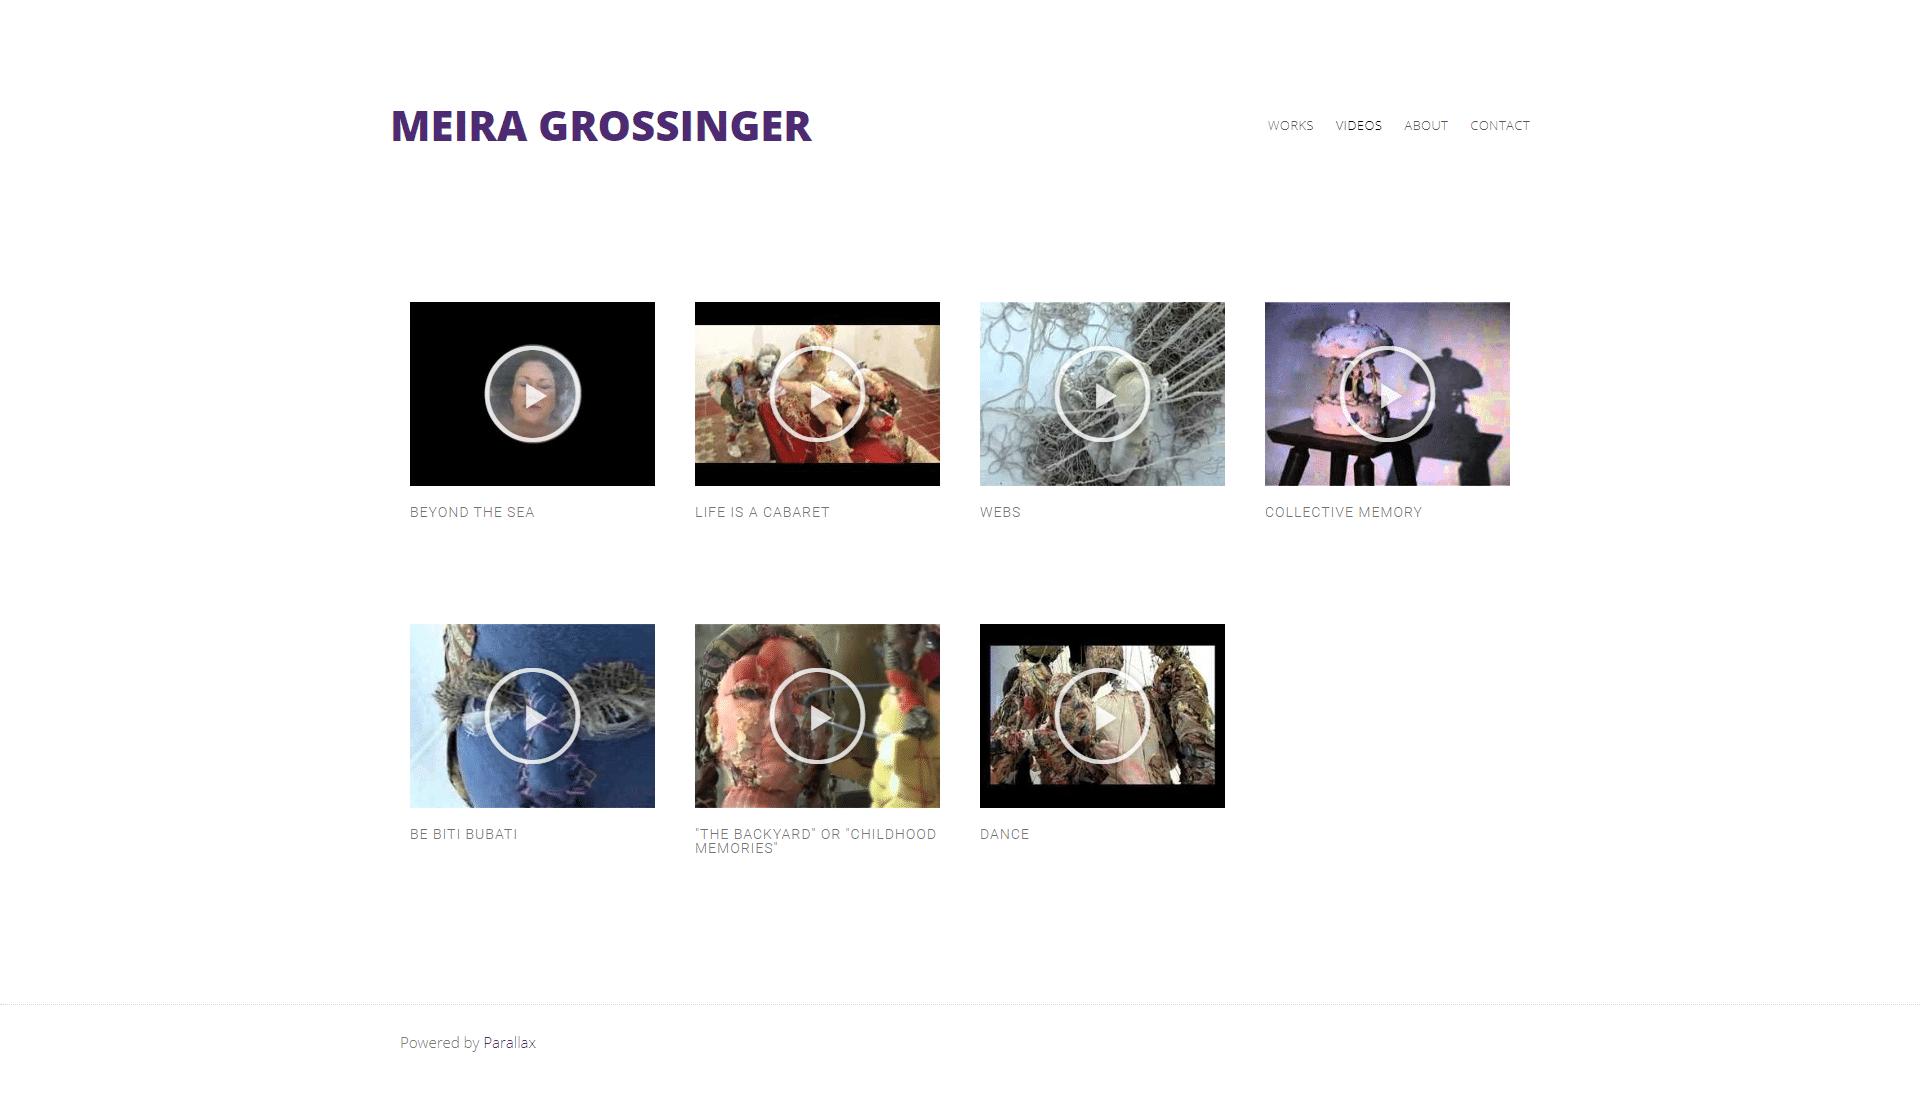 3grosinger